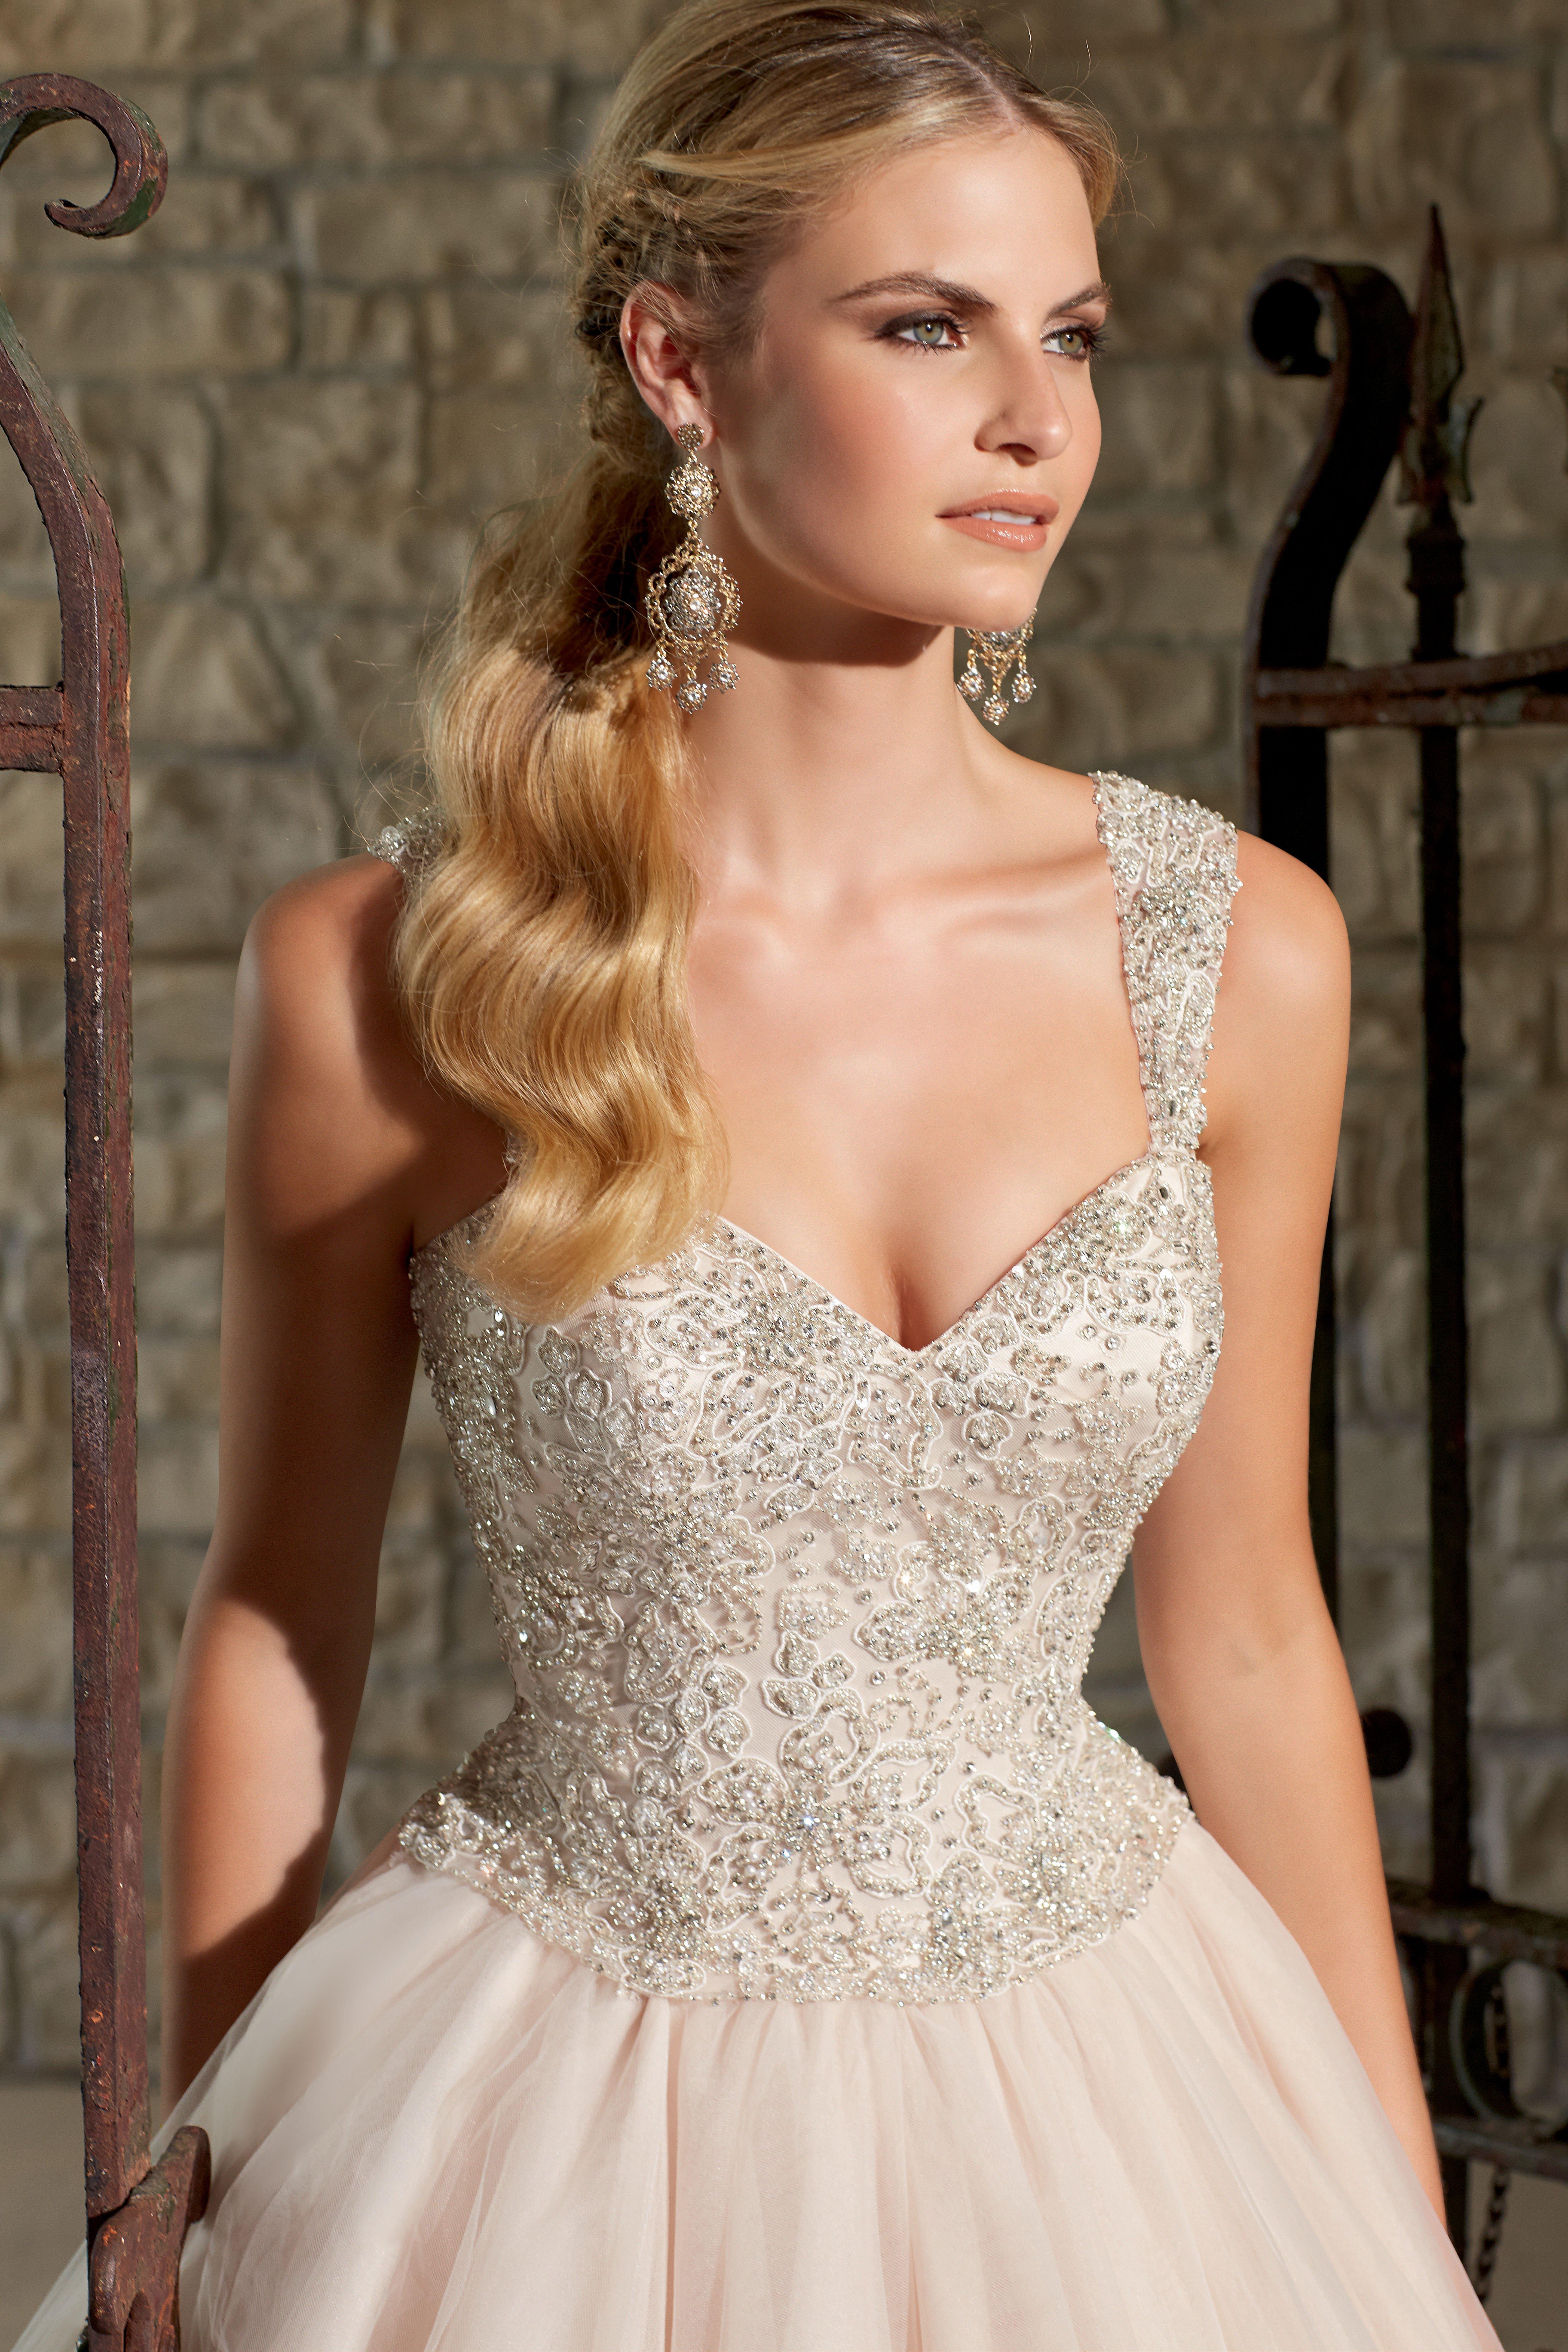 a8fb5ef849 Wybór sukien ślubnych jest ogromny